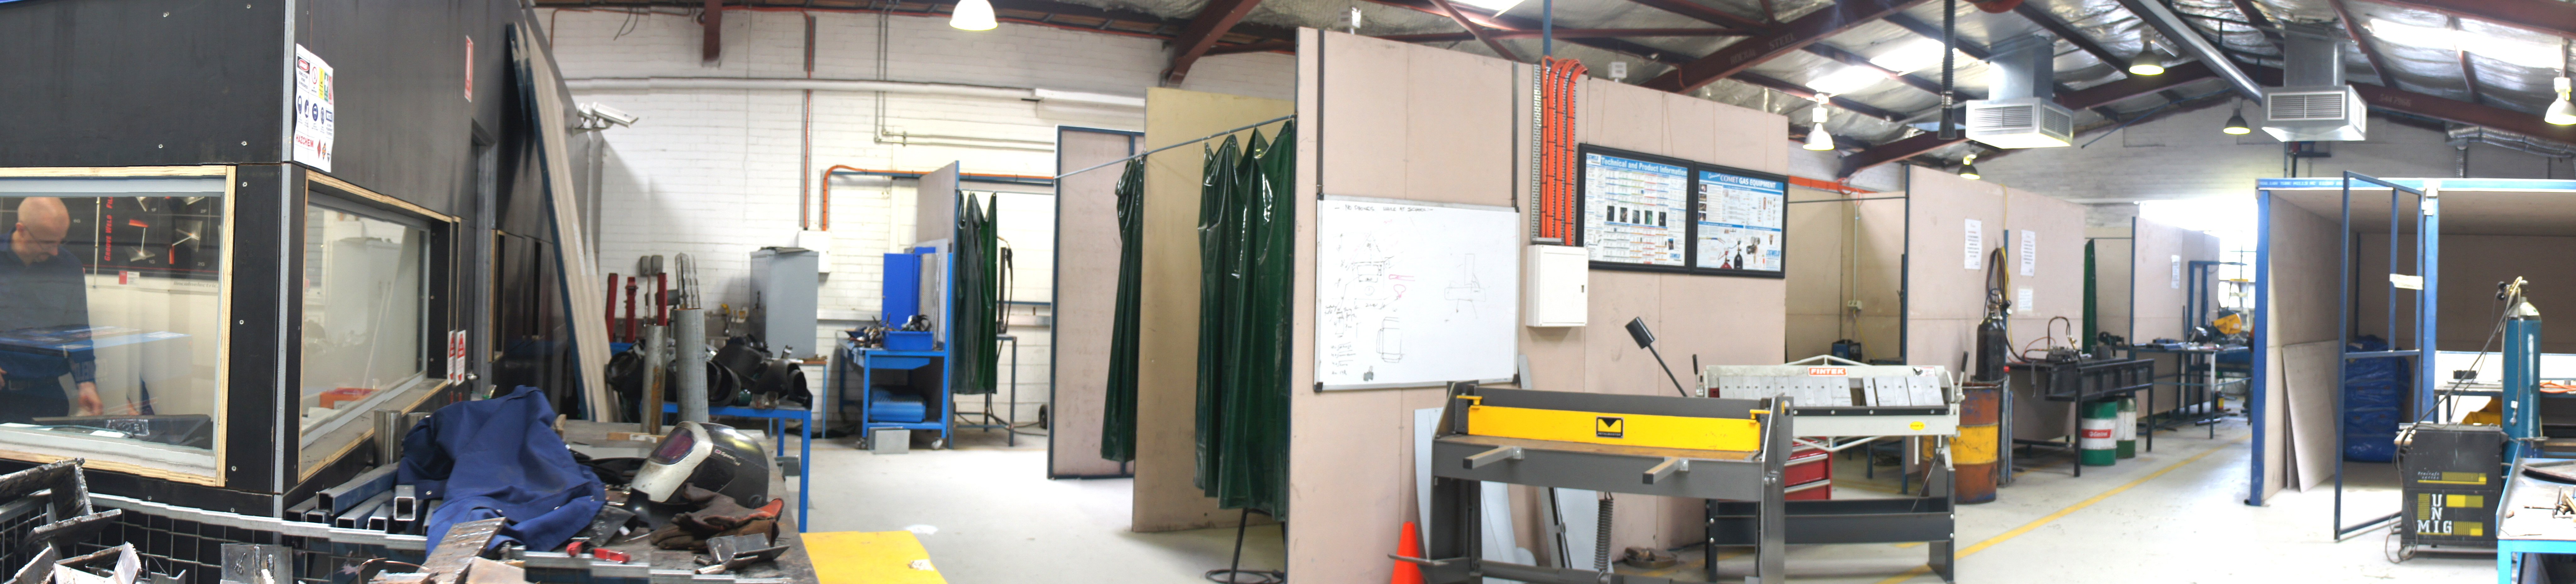 澳洲-墨爾本 Baxter Institute 巴克斯特學院